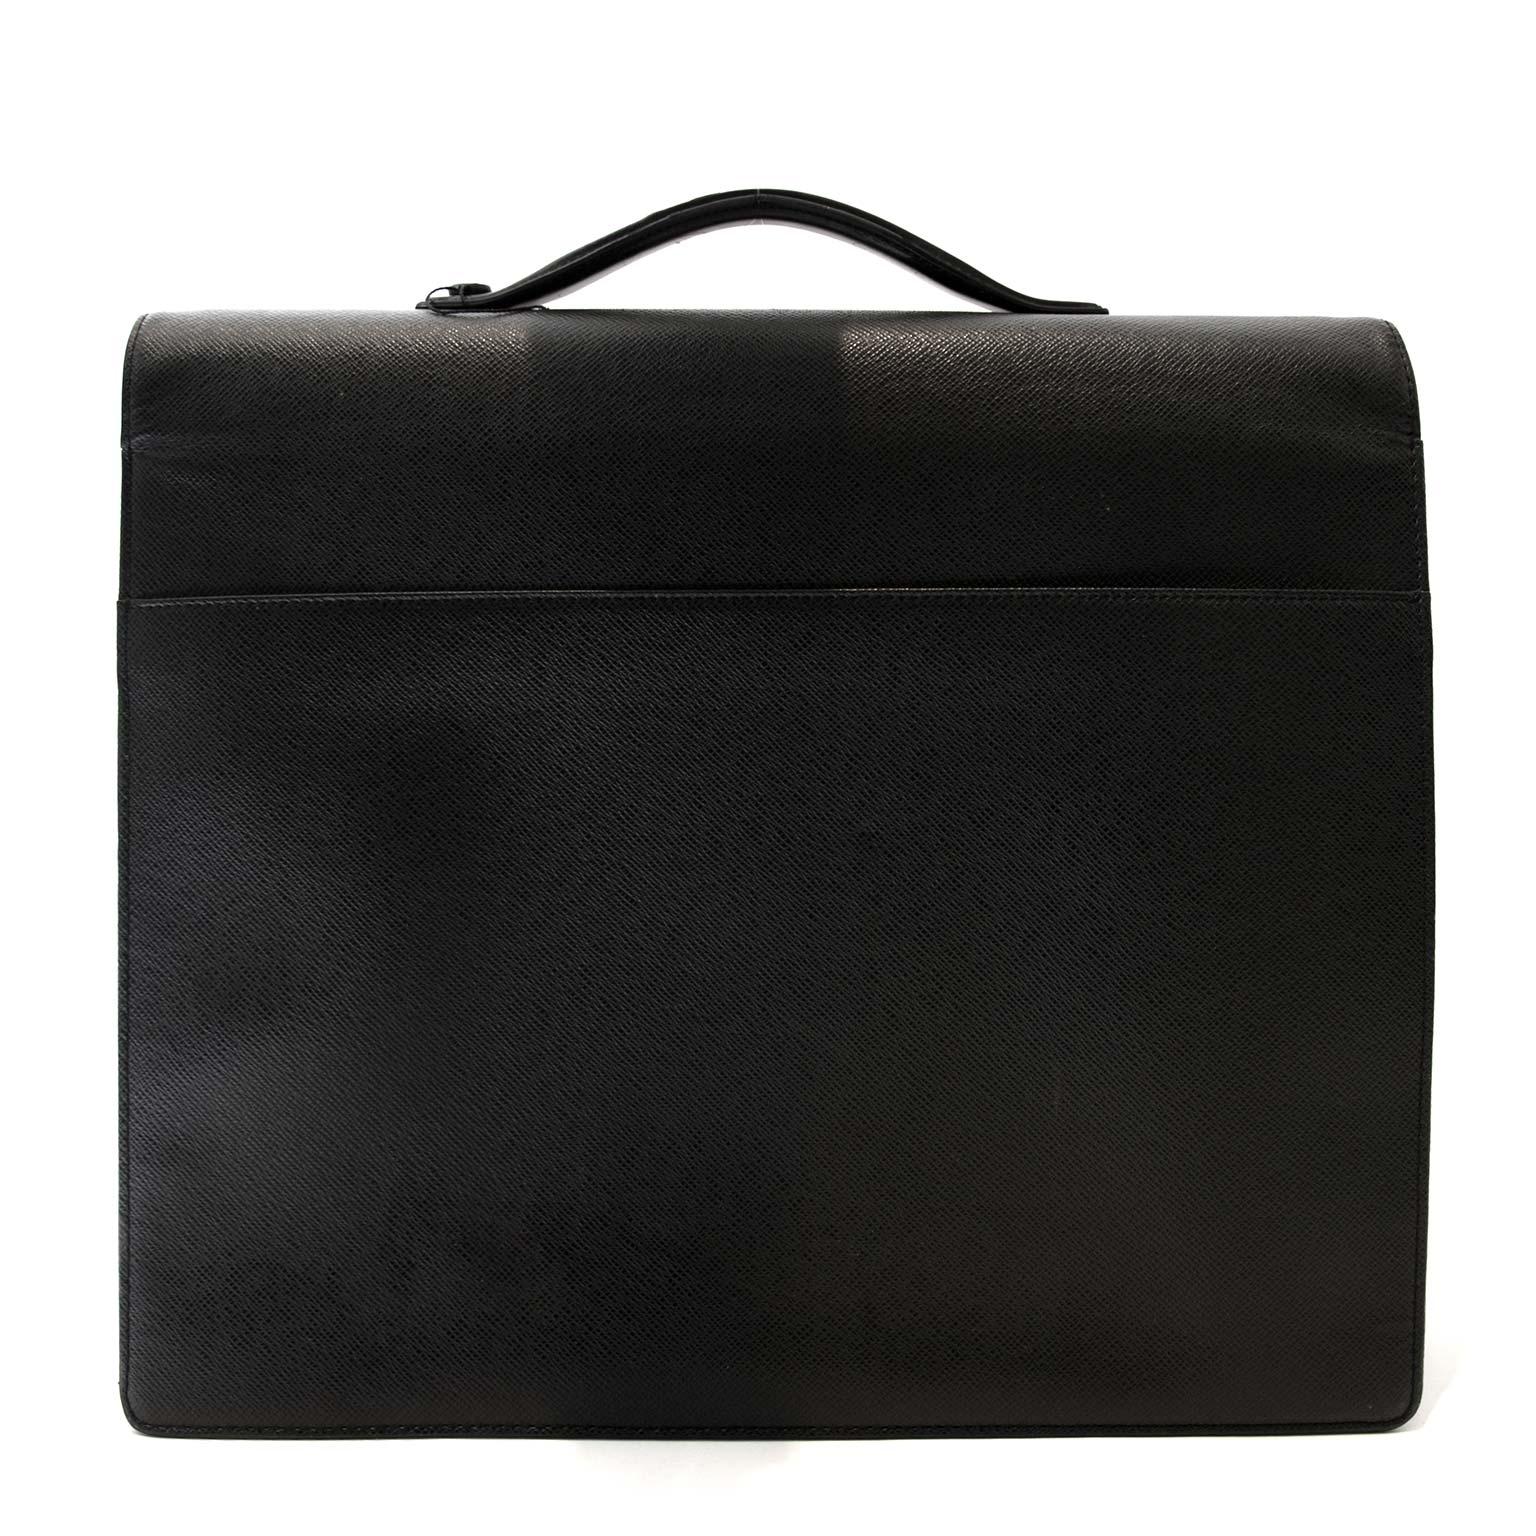 koop veilig een Louis Vuitton Taiga Khazan Briefcase tegen een goede prijs bij Labelliov in Antwerpen